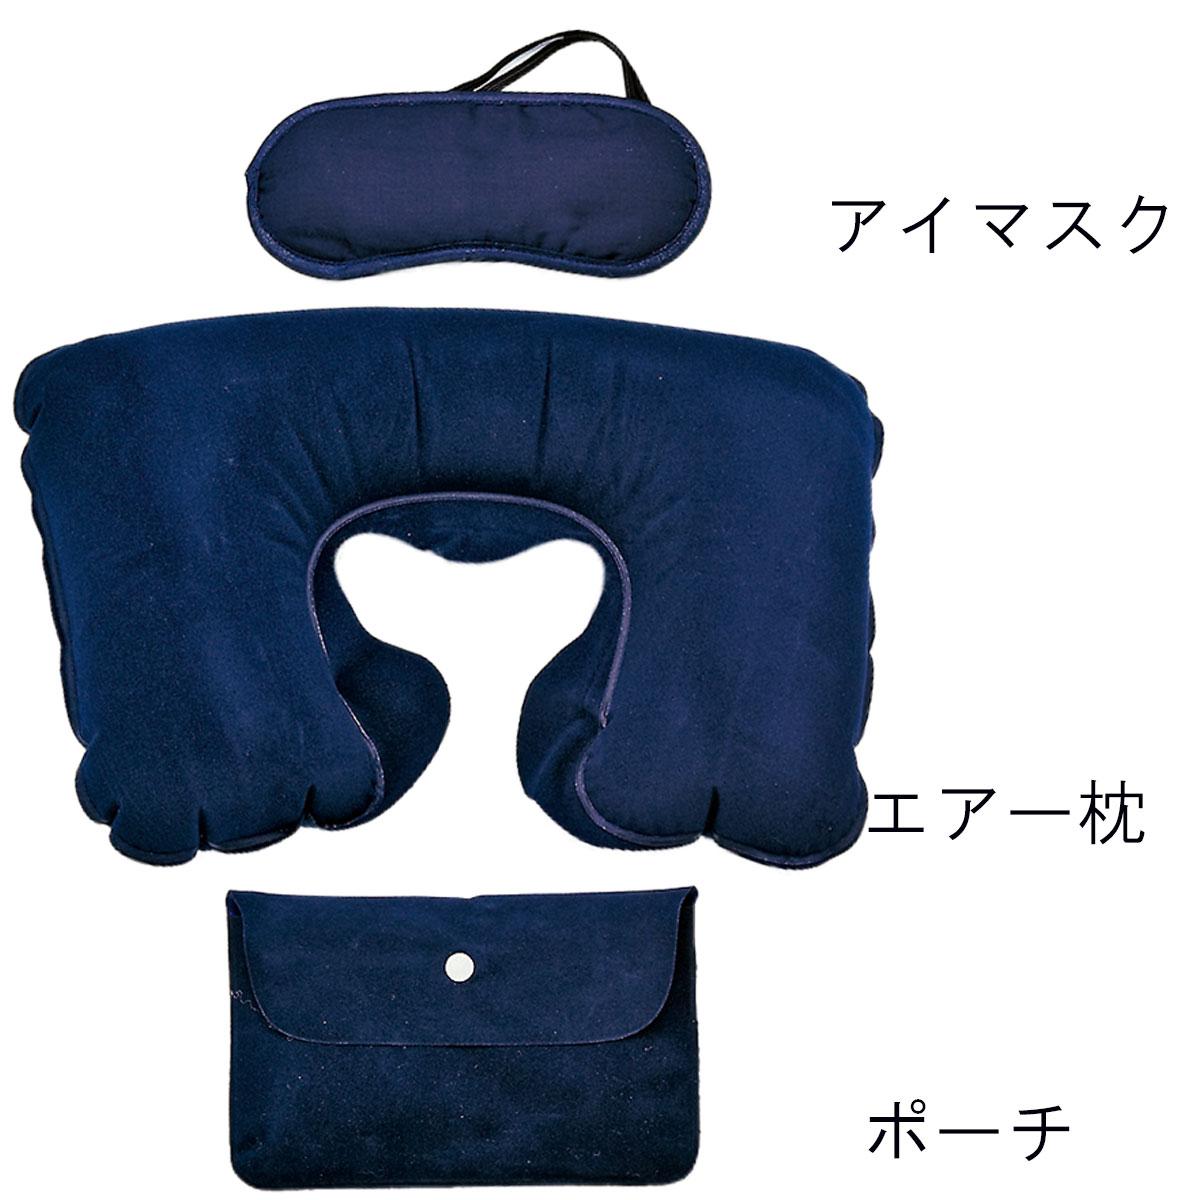 アイマスク&エアー枕セット